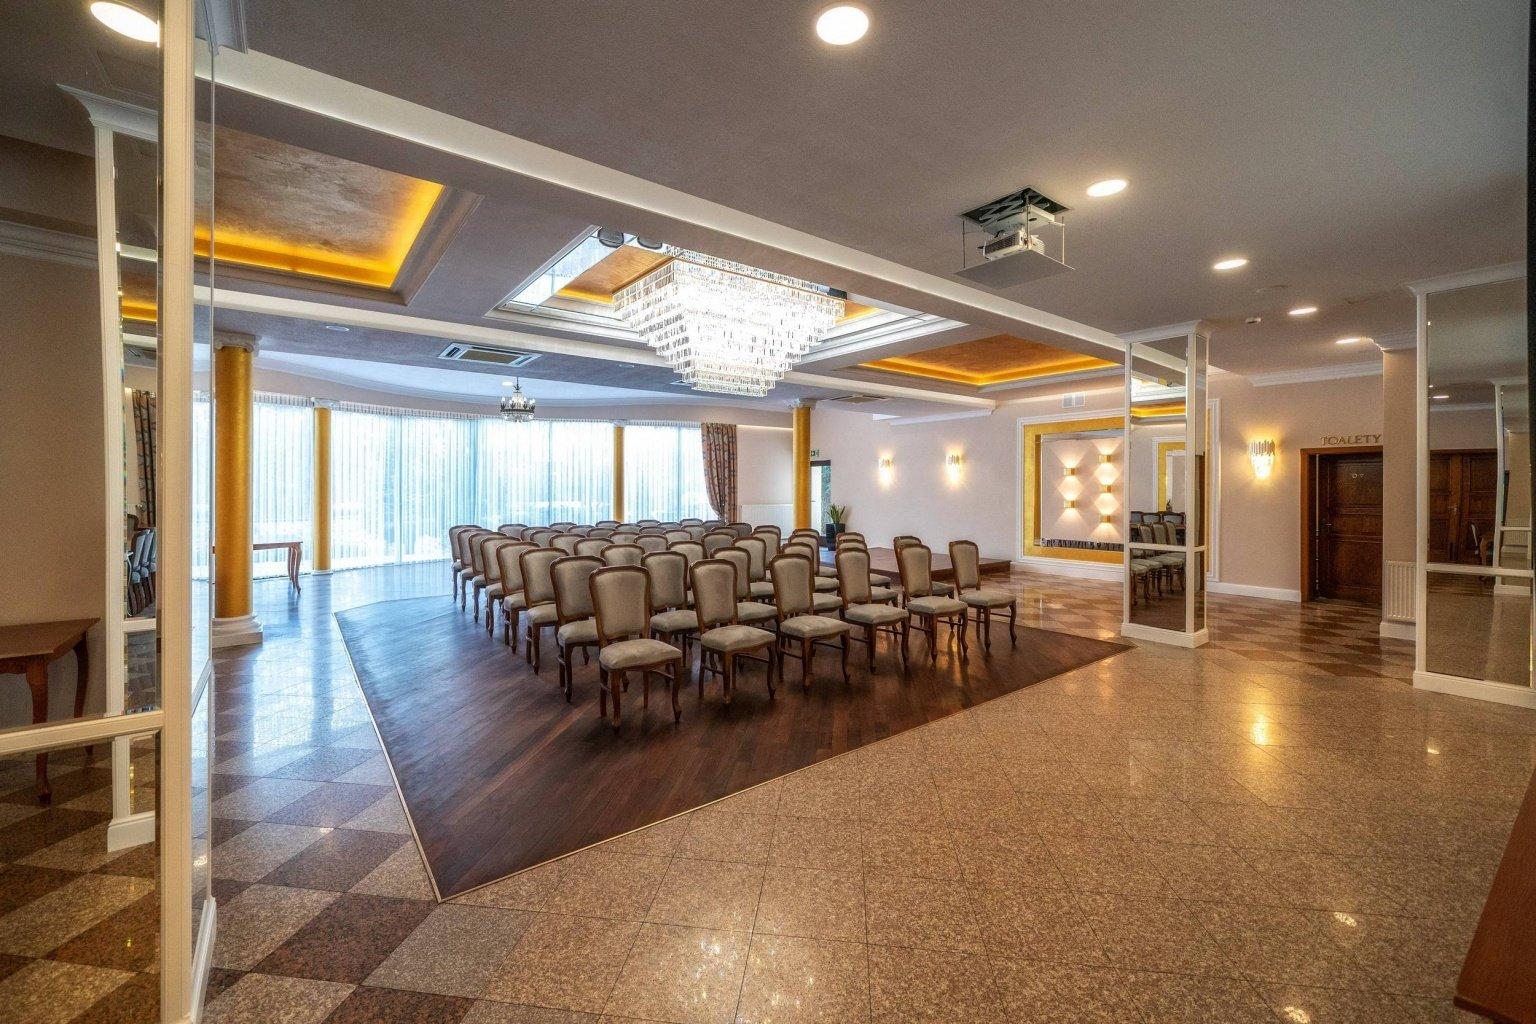 Układ konferencyjny eleganckiej sali weselnej z lustrami i złoty kolor na suficie to projekt wnętrz w Dworku Skawińskim koło Krakowa